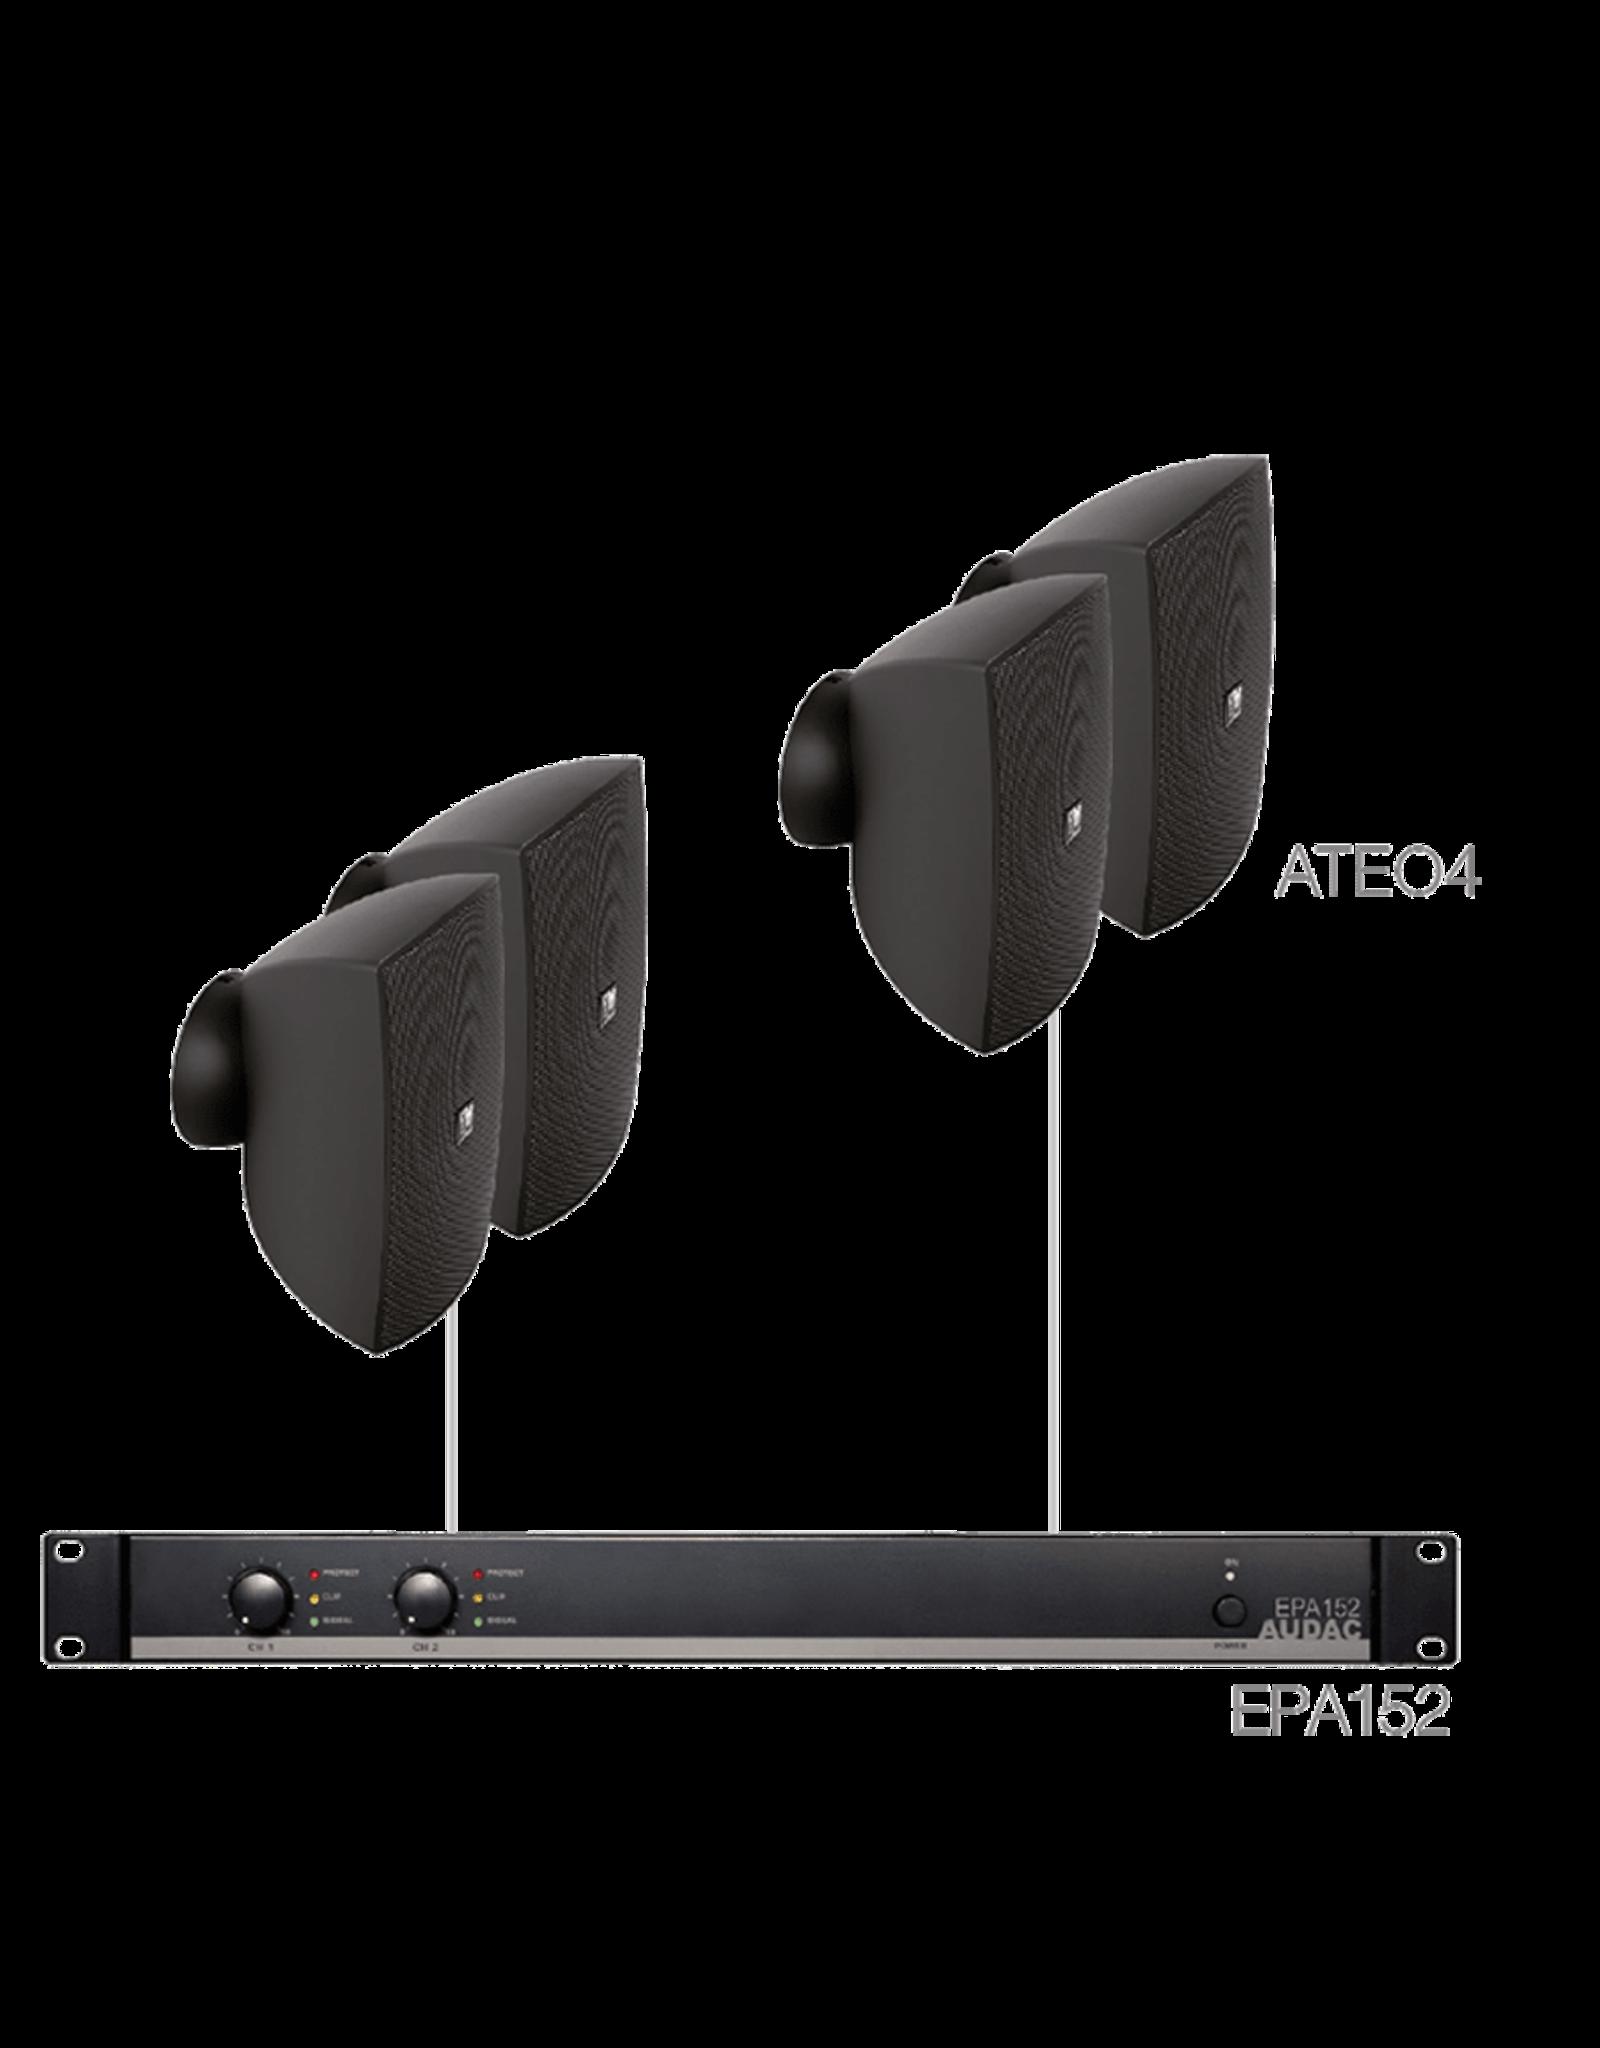 Audac 4 x ATEO4 + EPA152 Black